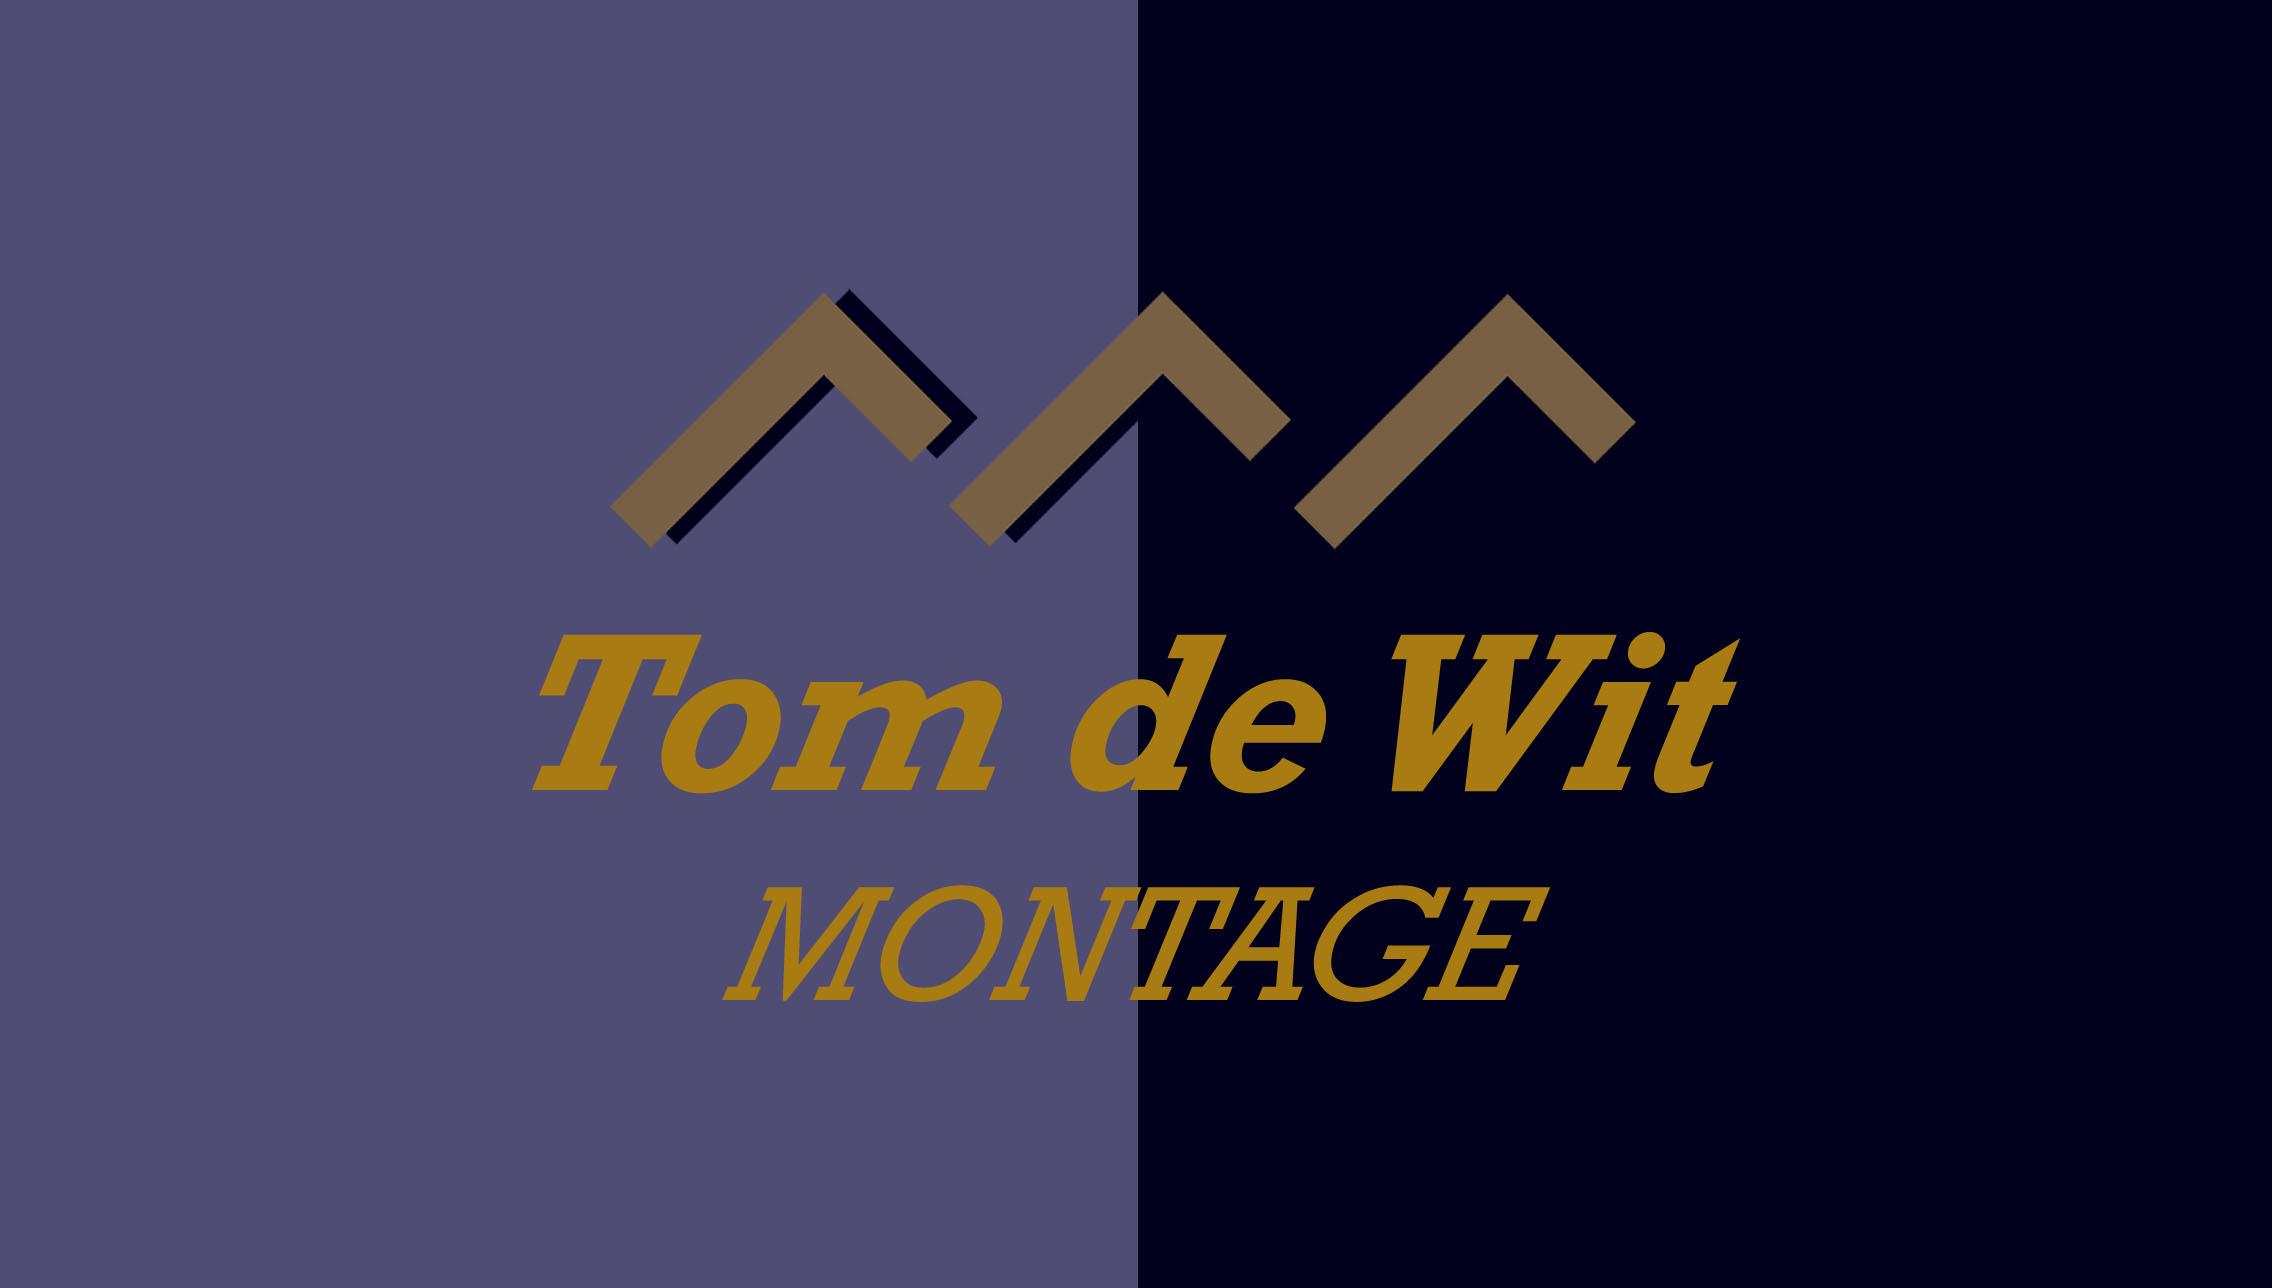 Tom de Wit